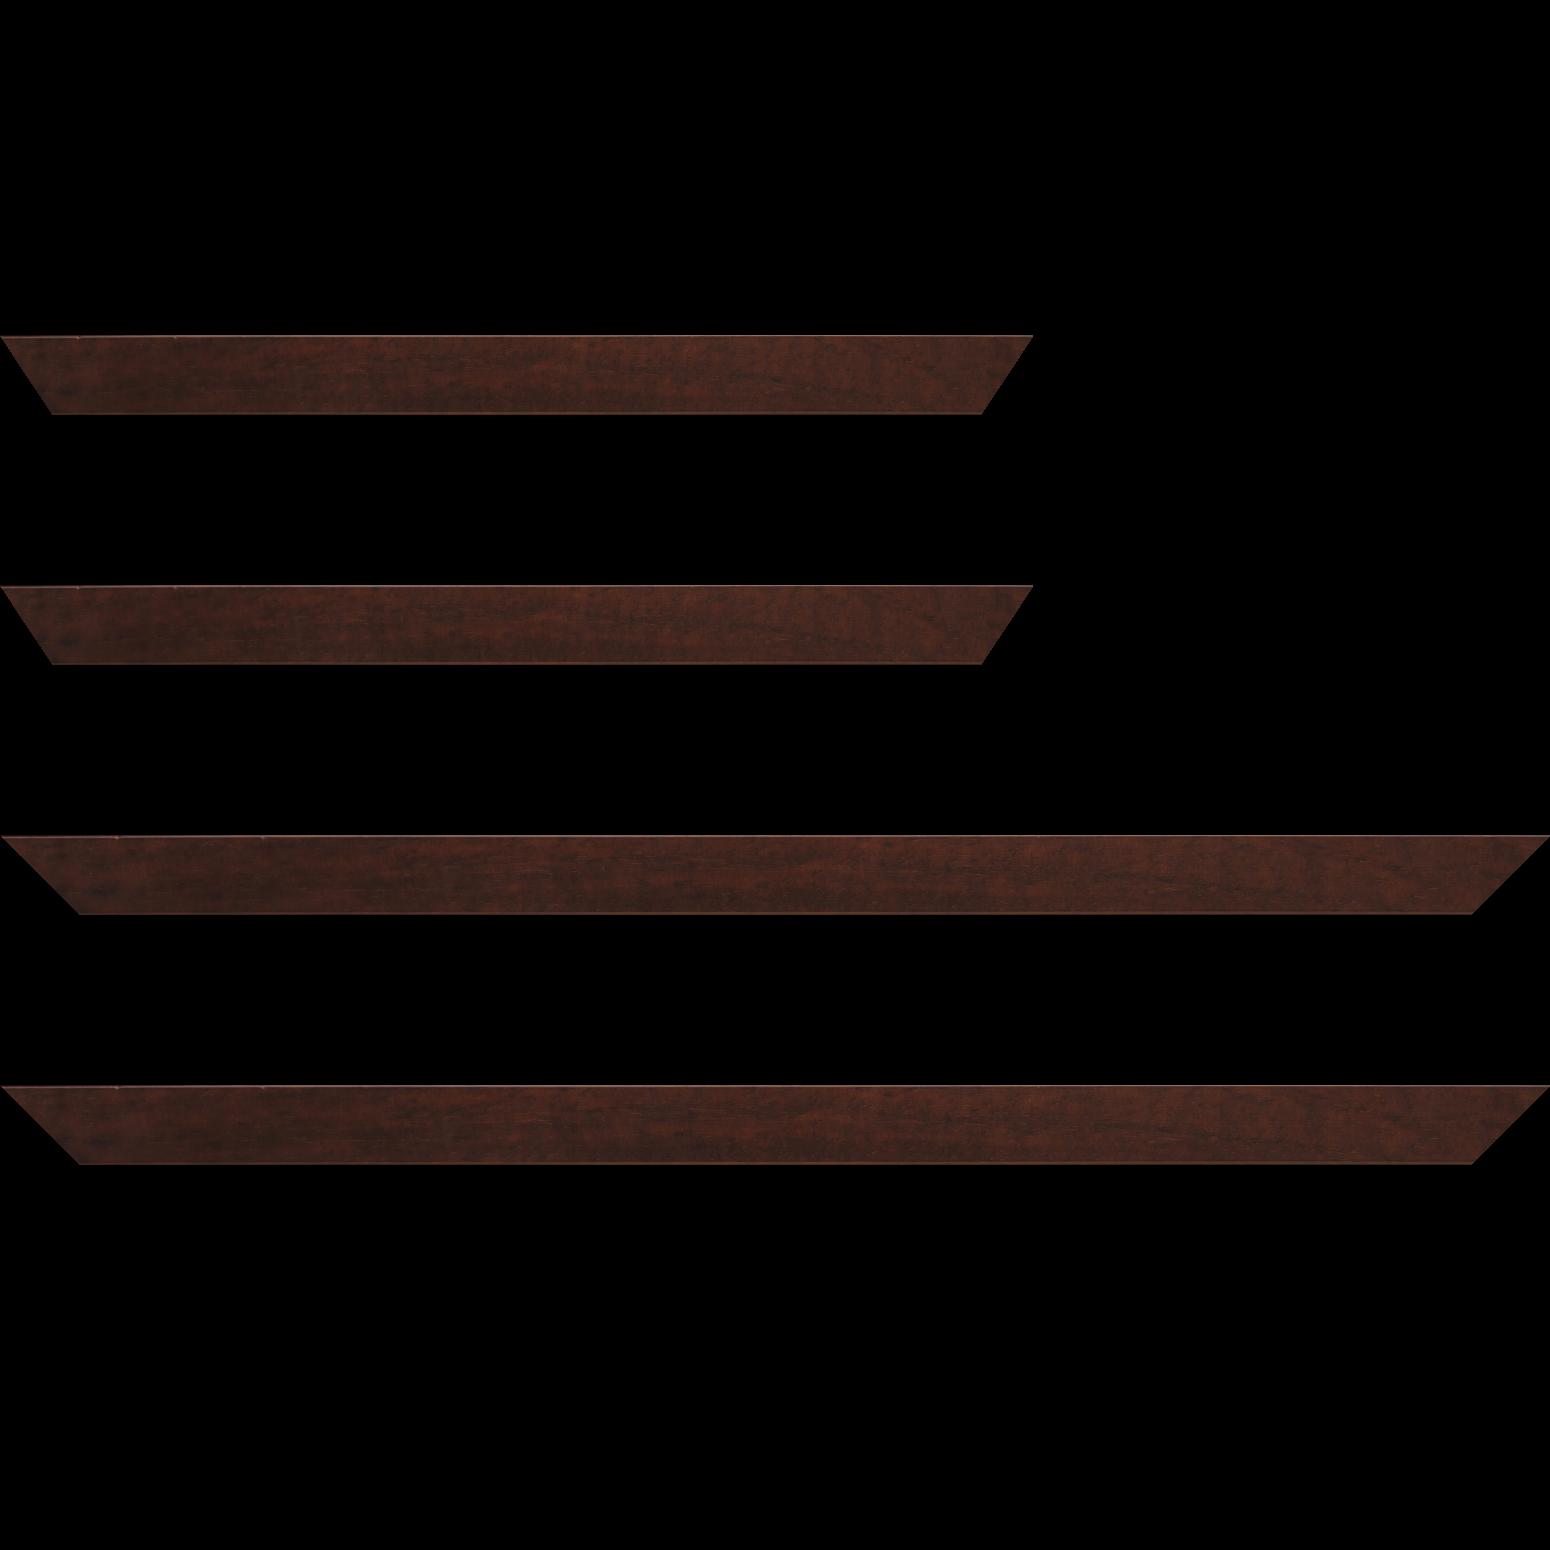 Baguette service précoupé bois profil plat largeur 2.5cm couleur chocolat satiné